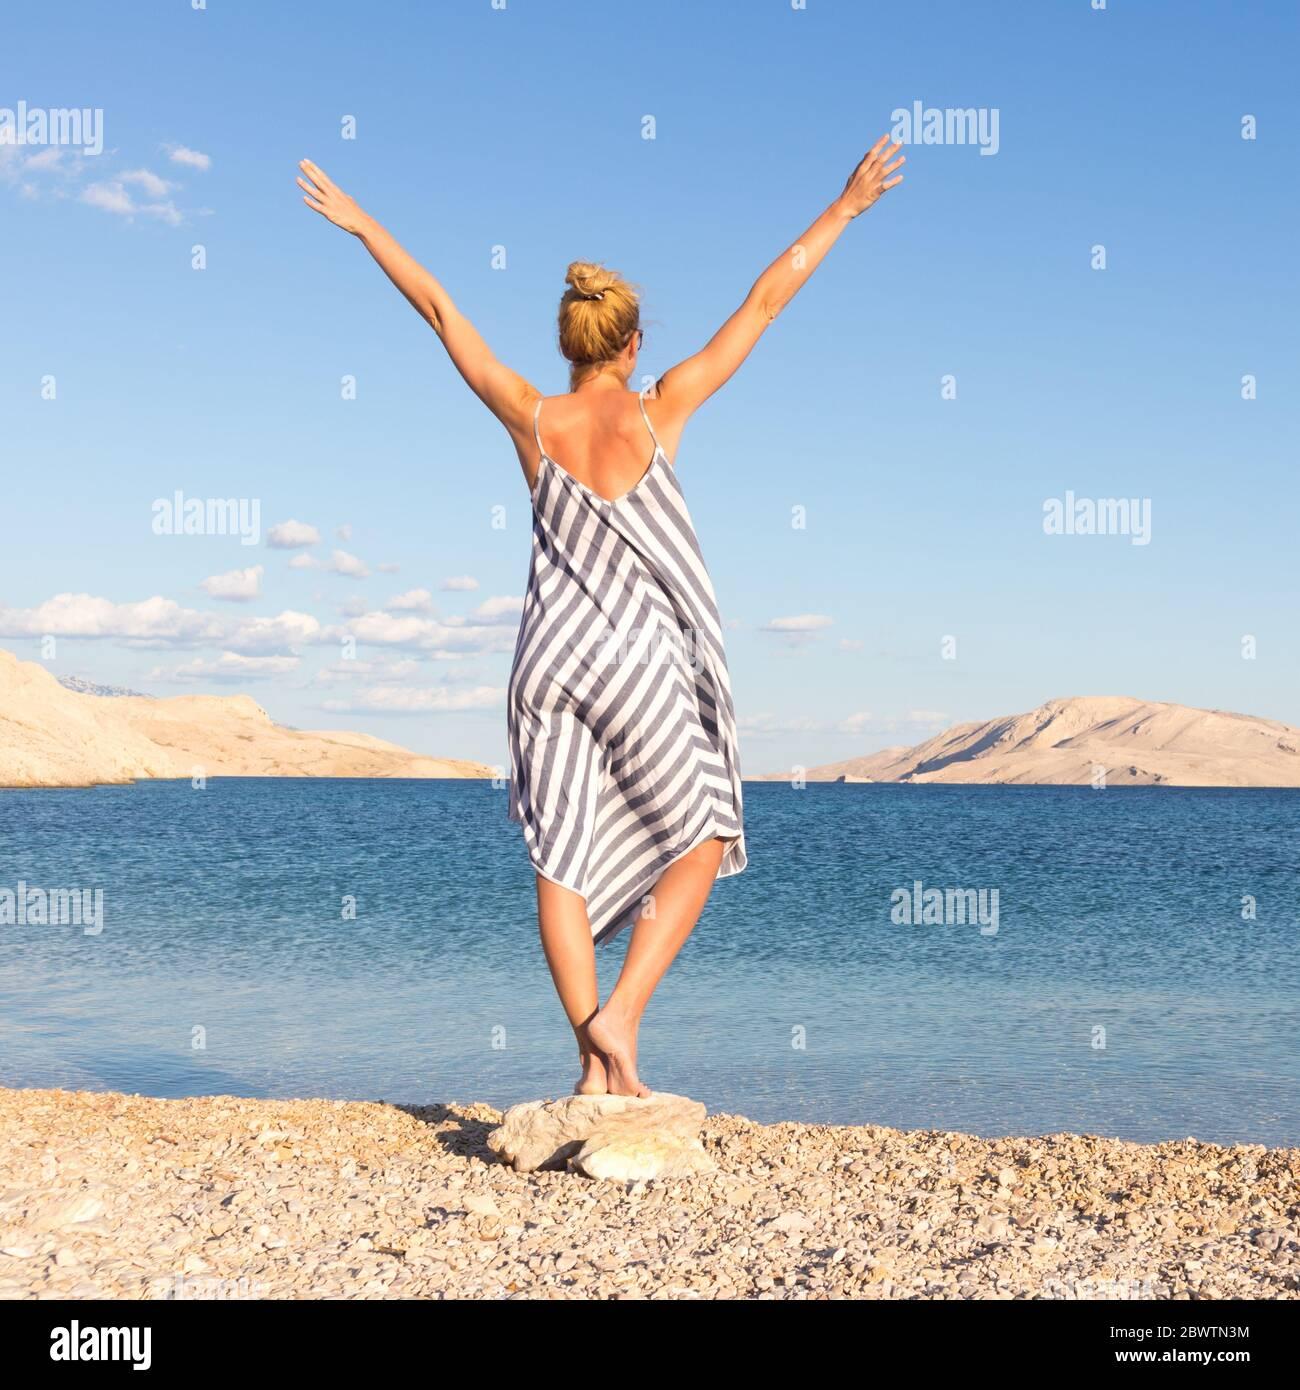 Feliz mujer sin preocupaciones subiendo los brazos, con un hermoso vestido de verano a rayas disfrutando a última hora de la tarde en la playa blanca de la isla Pag, Croacia Foto de stock